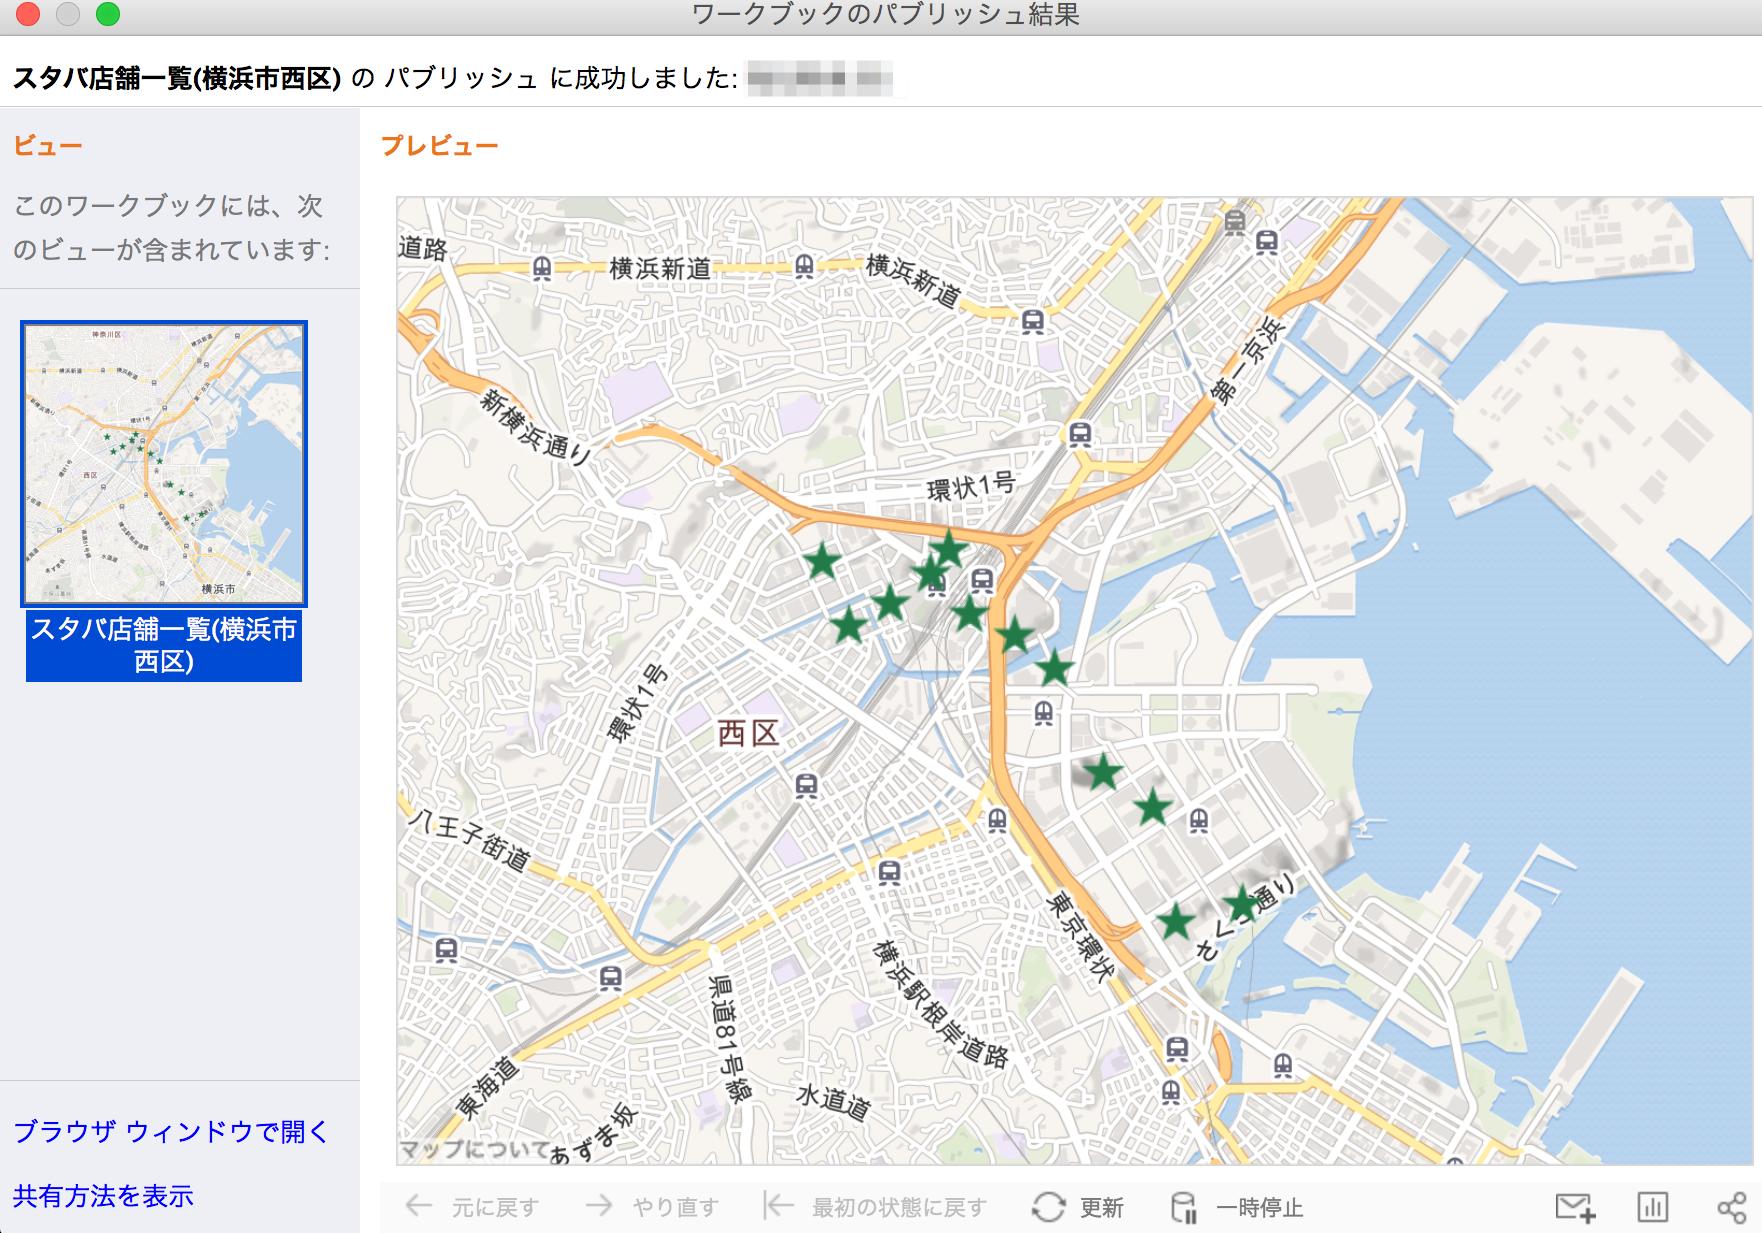 tableau92-geolocation_03